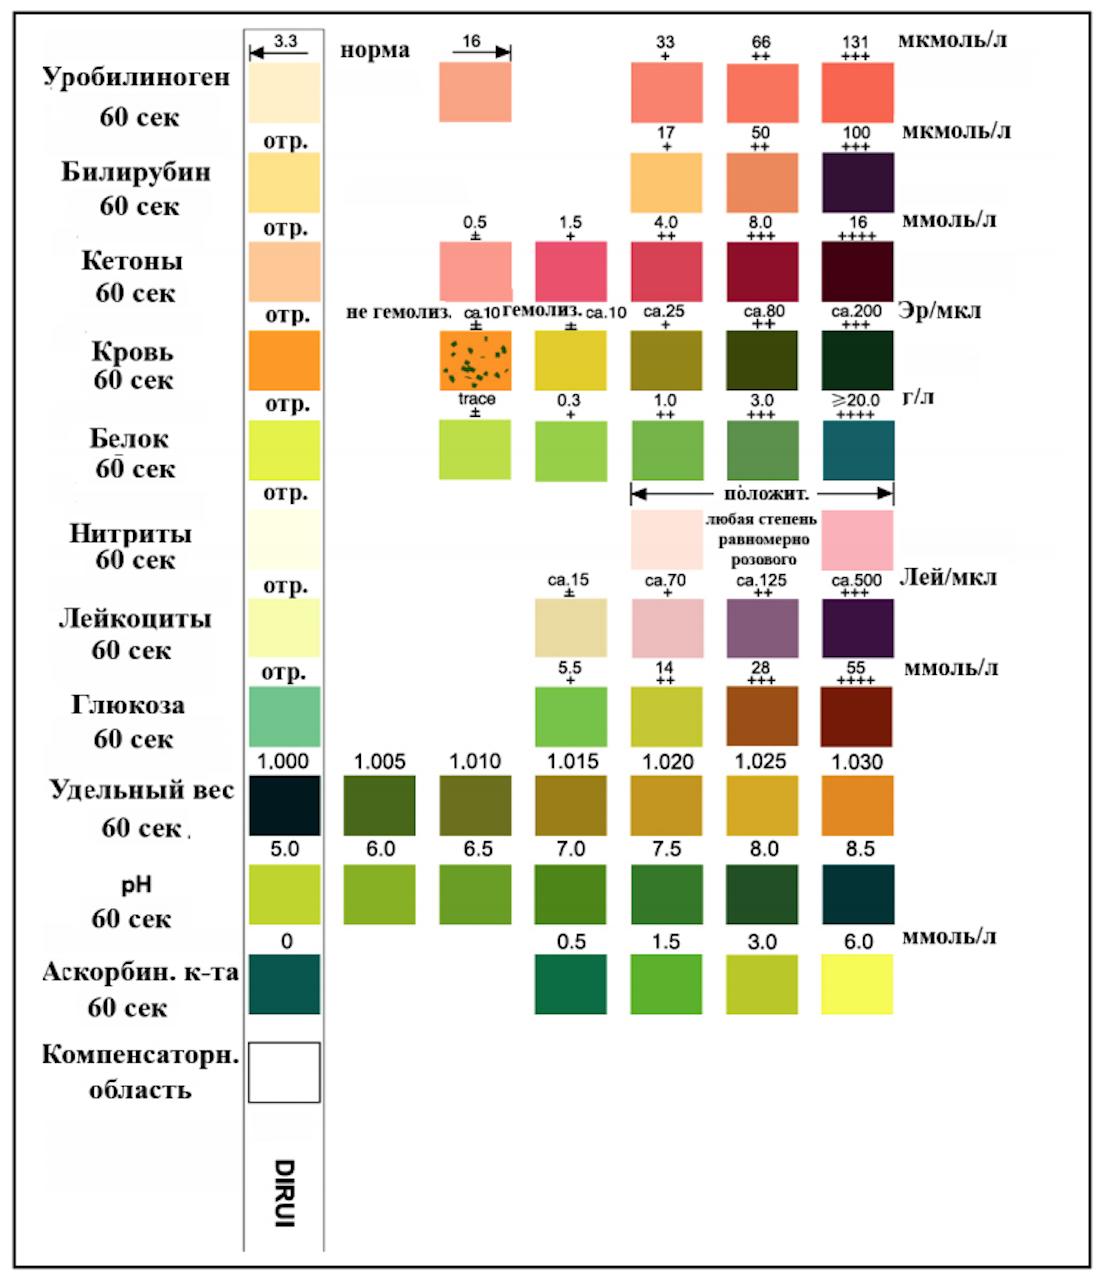 Тест полоски для анализа уровня глюкозы в моче